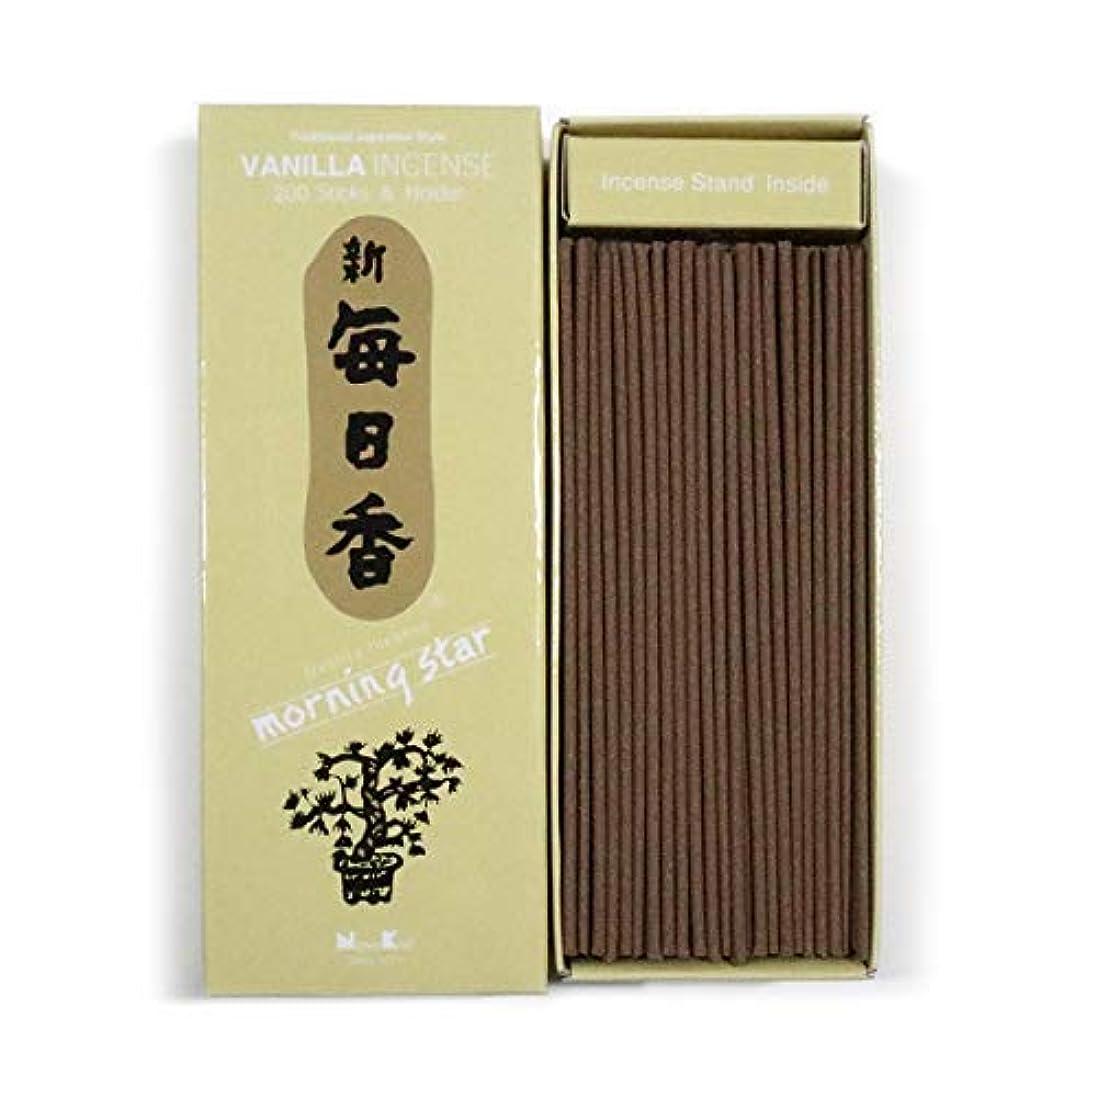 長いです説明知的Morning Starバニラ- 200 Sticks Perパック